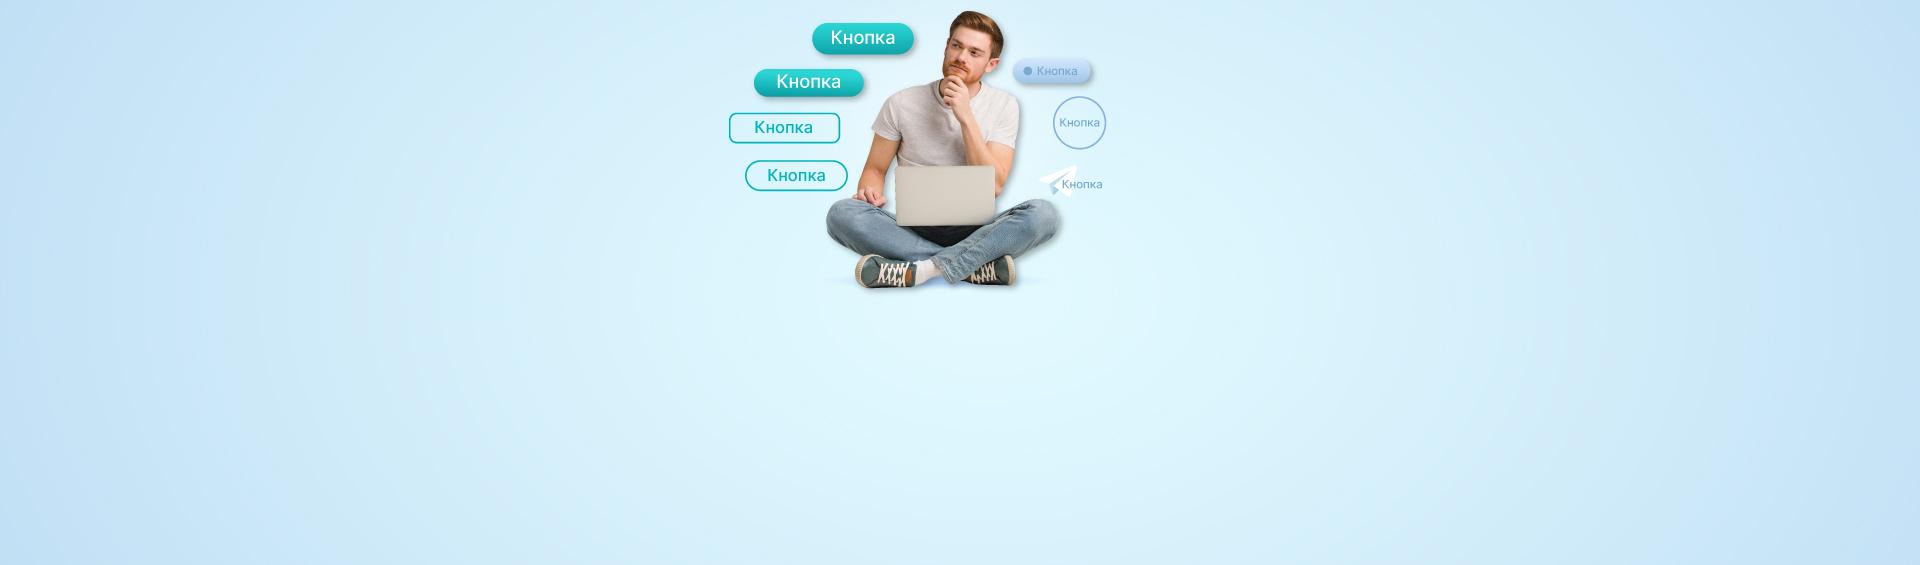 Как создавать эффективный дизайн кнопок. Советы UX-дизайнера